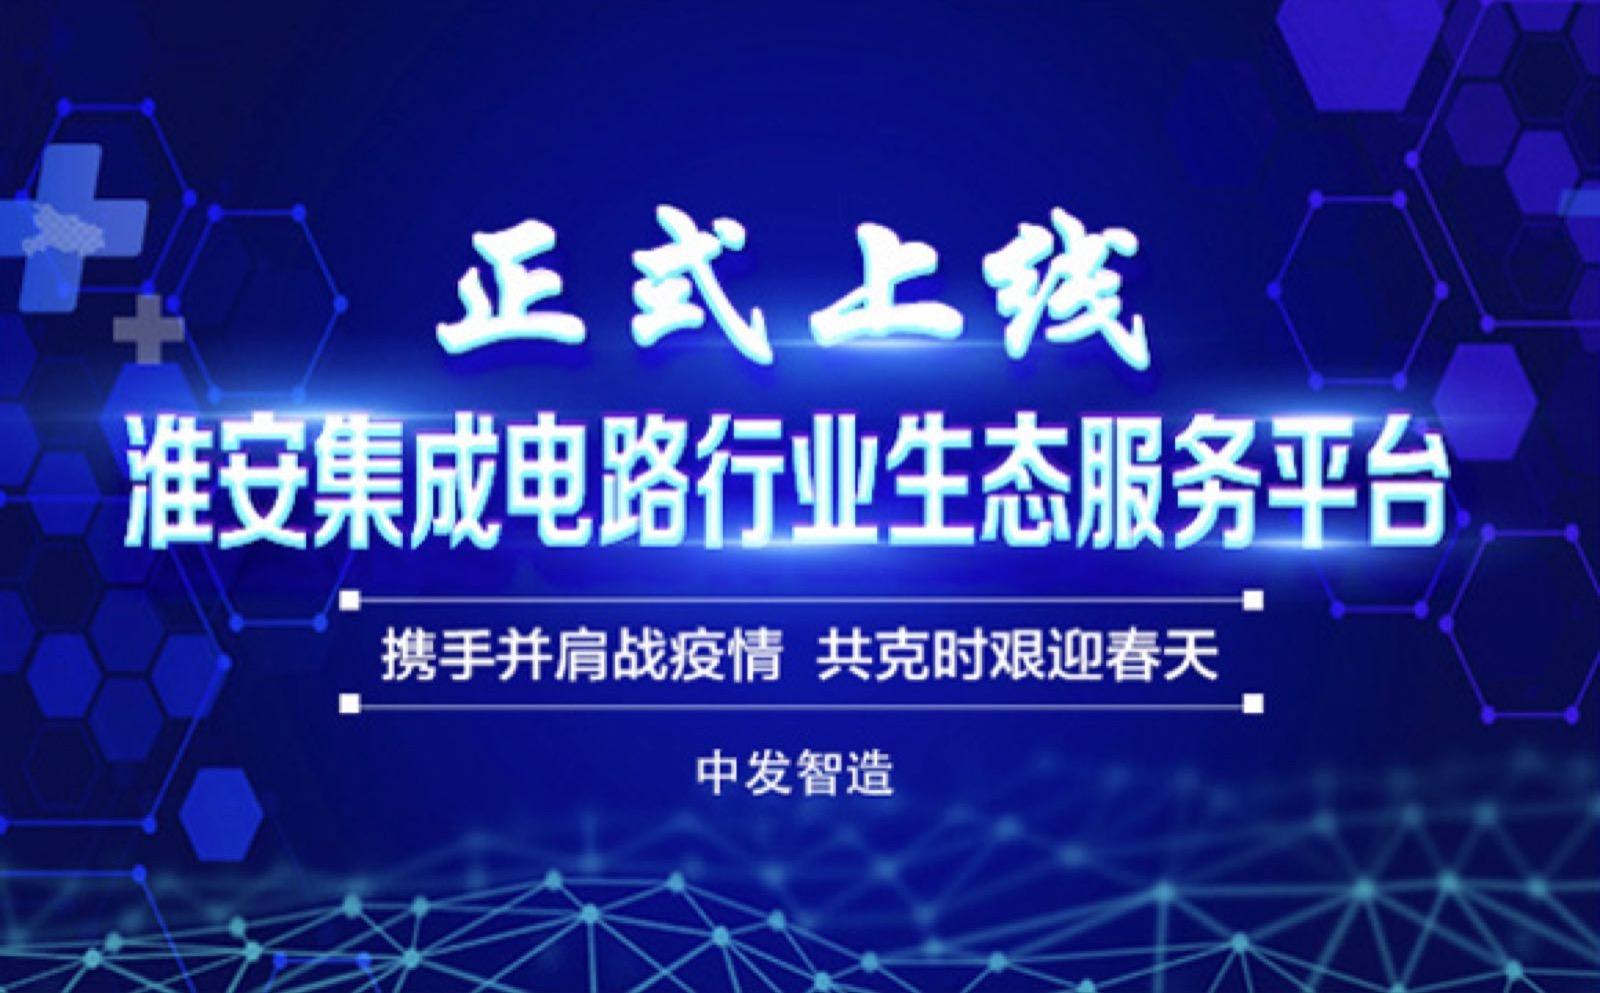 """携手战""""疫"""",共迎春天:中发智造·淮安集成电路产业生态服务平台正式上线"""